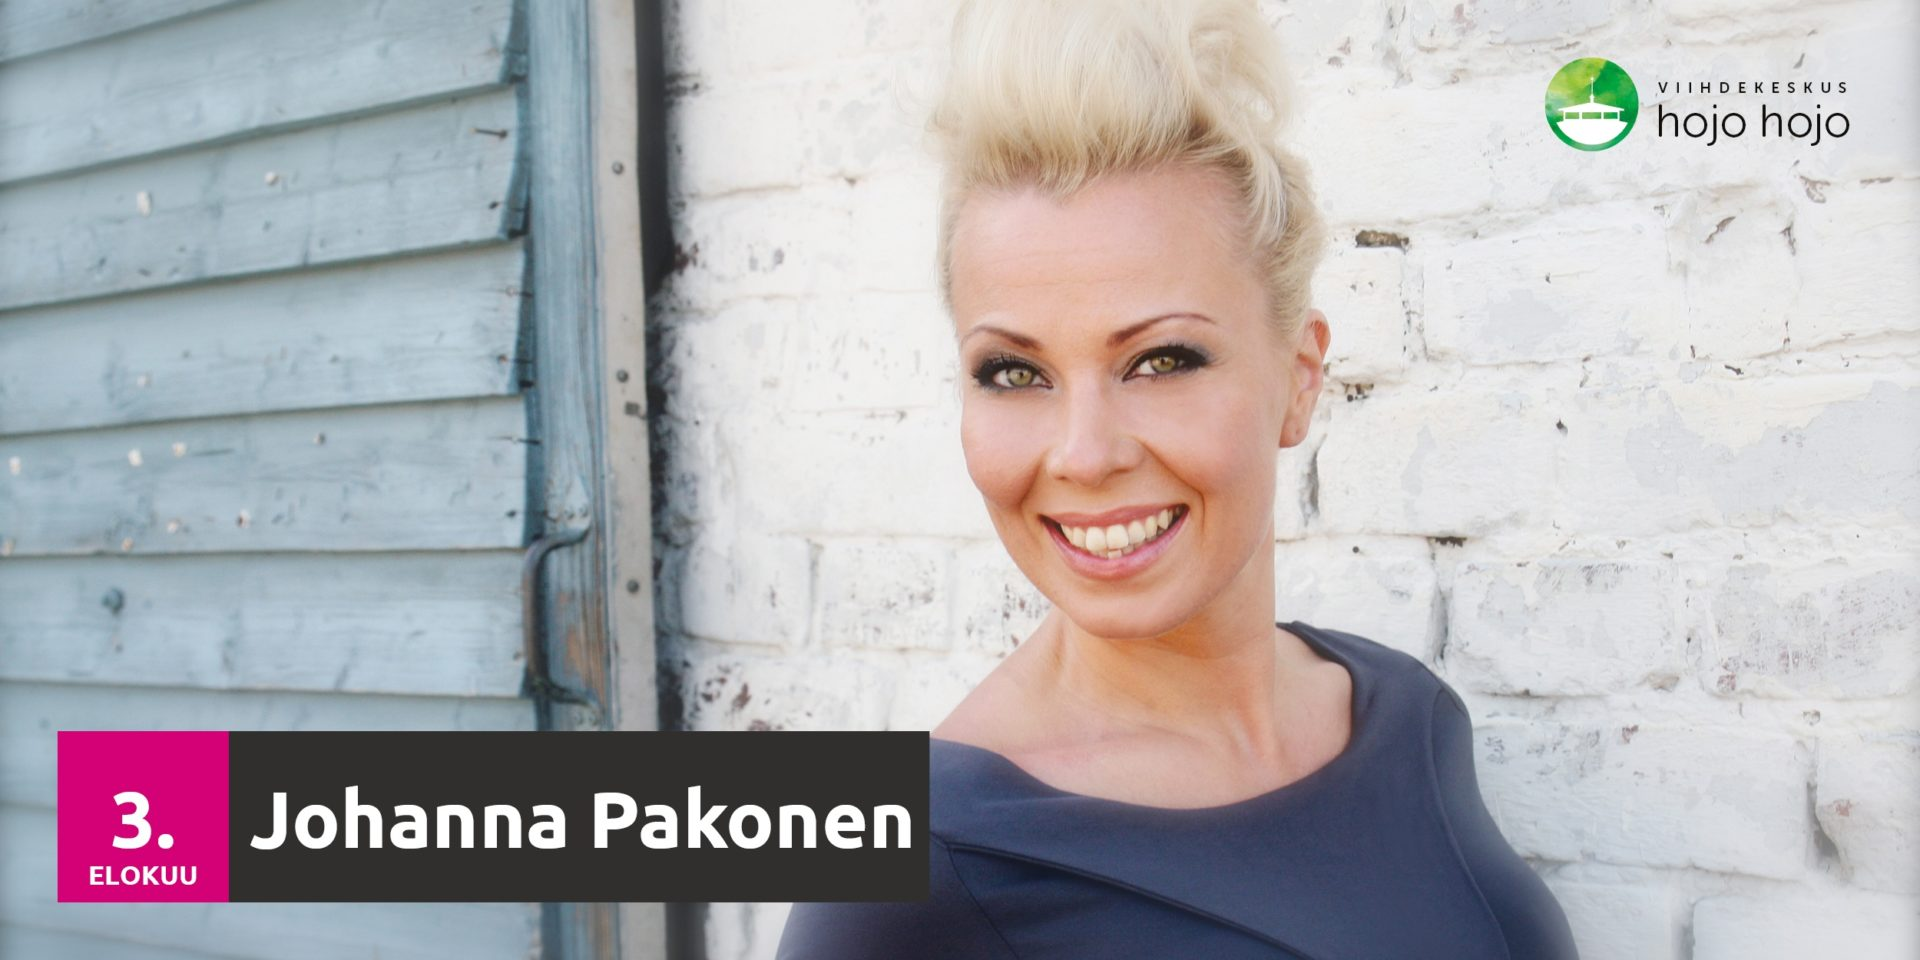 Lauantaina 3.8. Johanna Pakonen